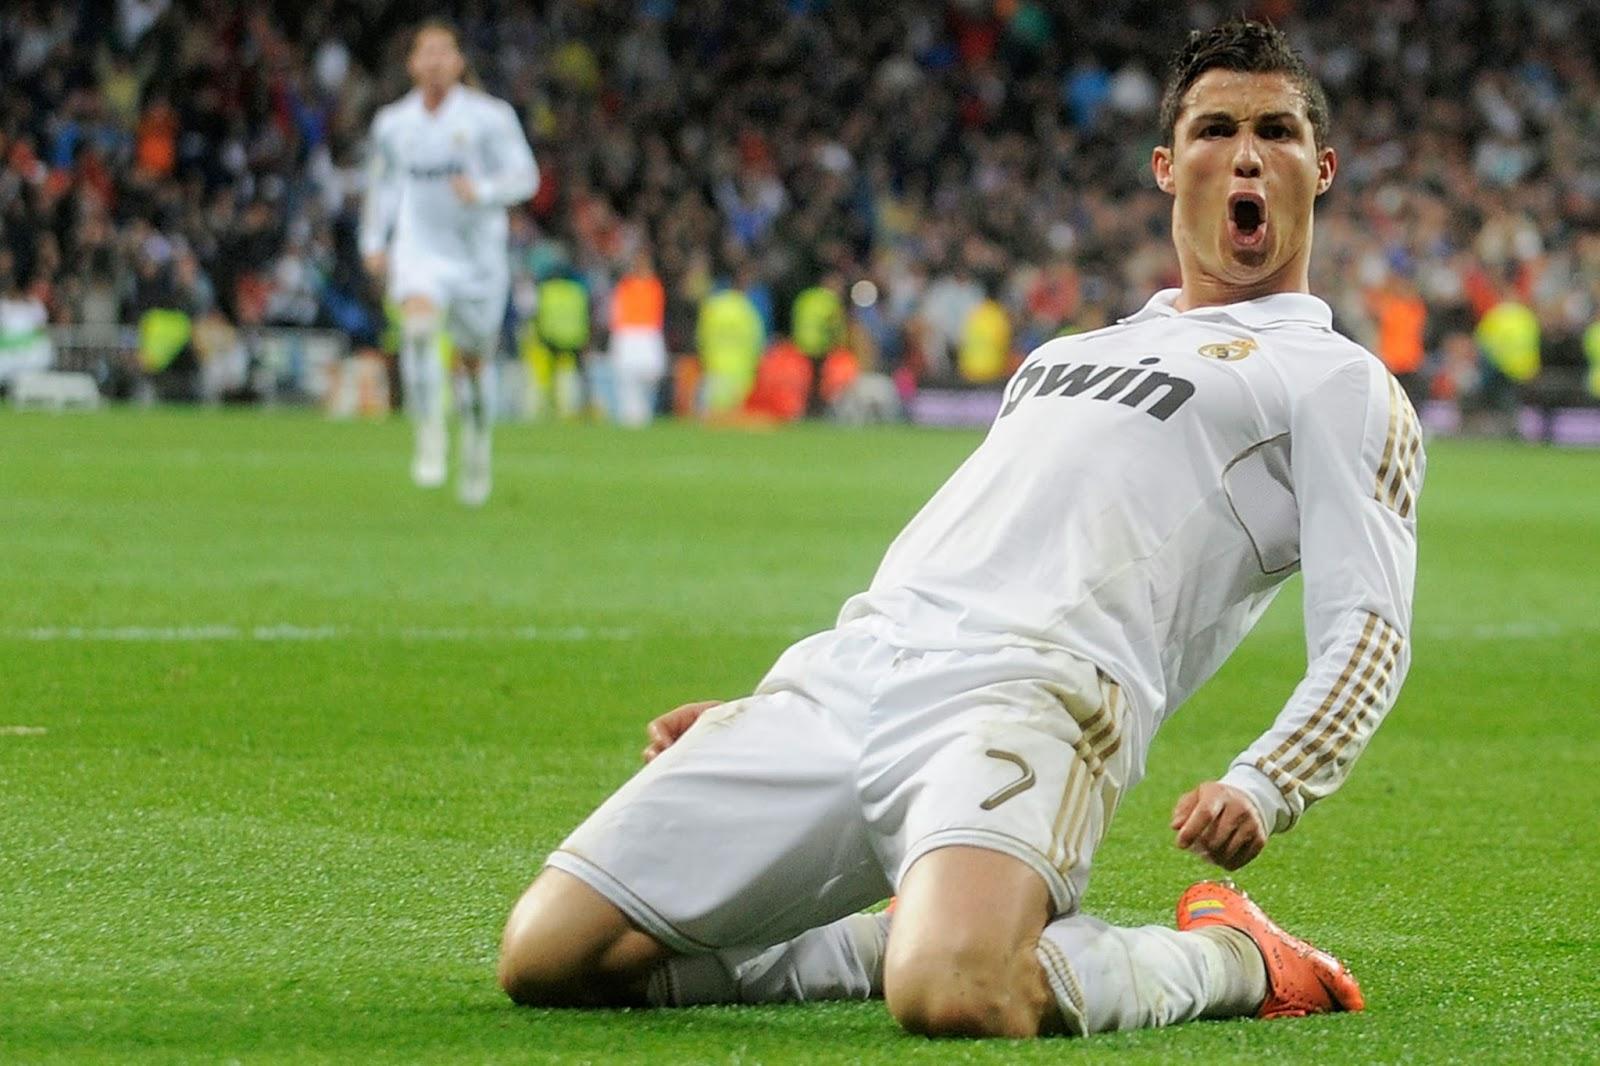 Cristiano Ronaldo (Balón de Oro) - Doblete contra el Schalke (0-3) y (0-6)